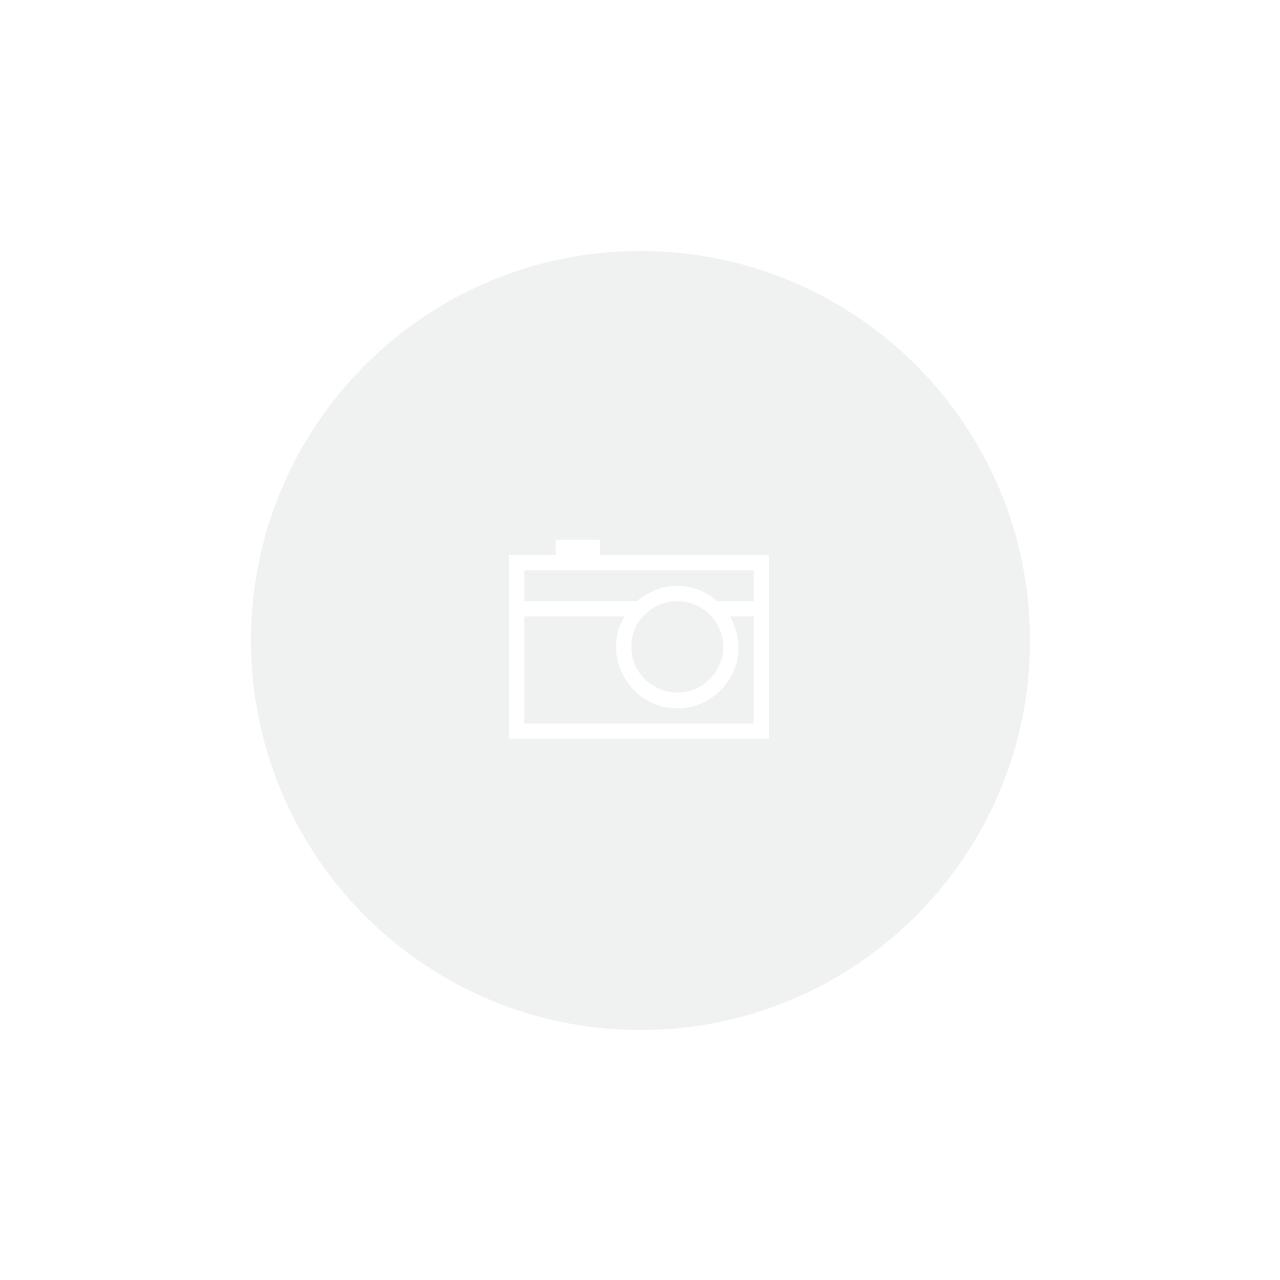 Banheira Preta 10x20x11,5cm Essenza